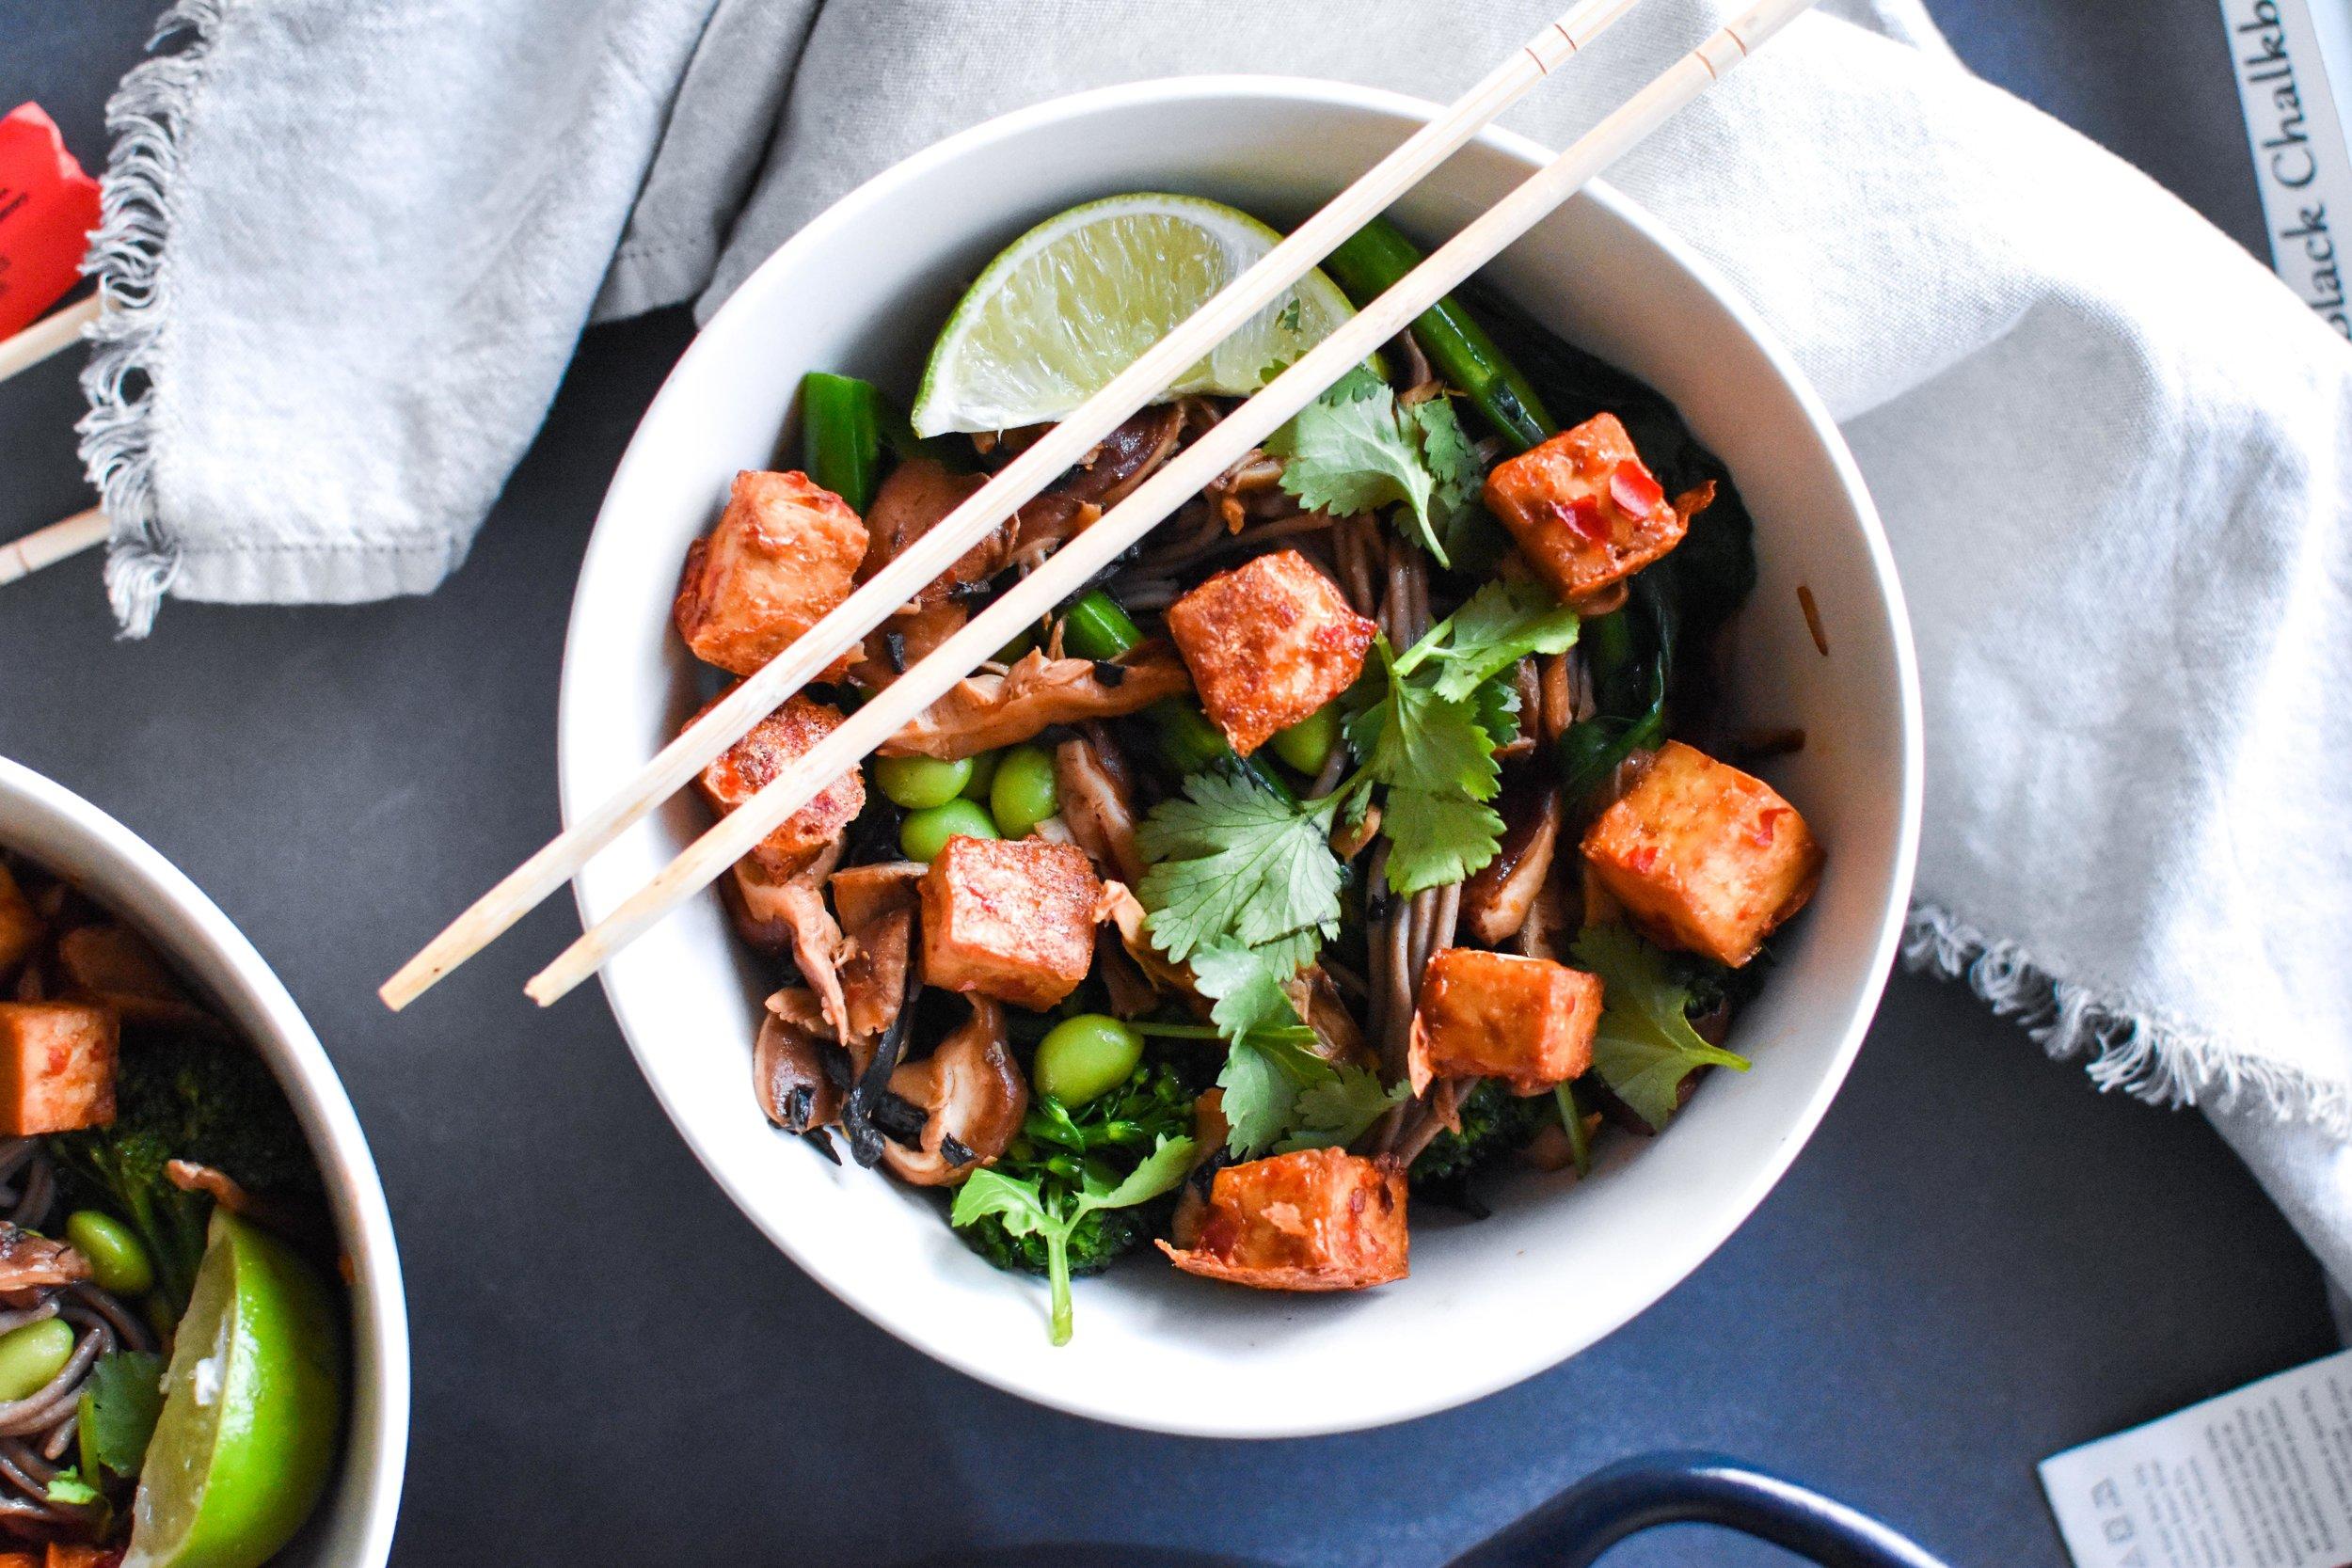 buckwheat soba noodles with crispy tofu & veggies